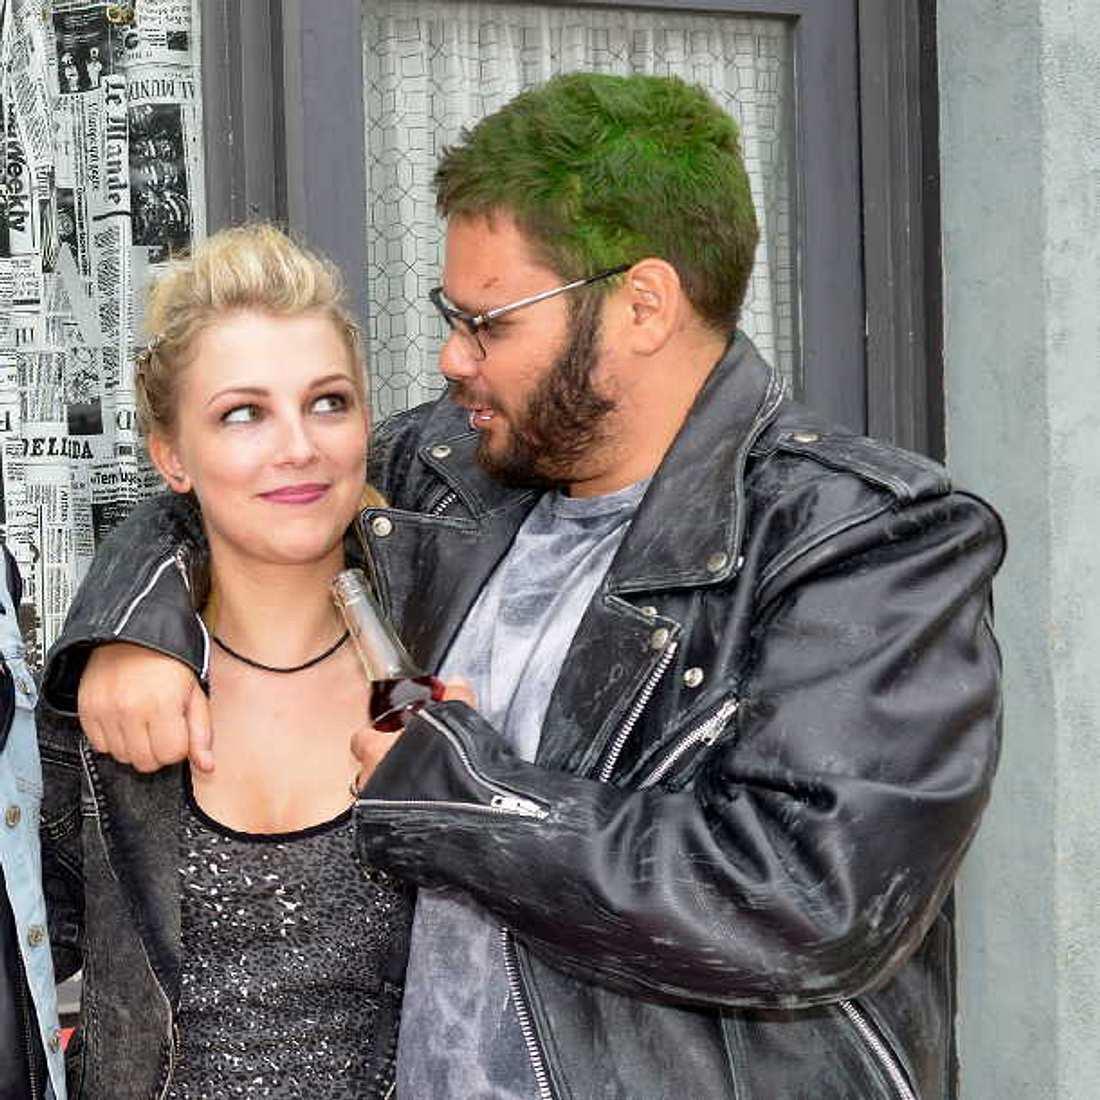 GZSZ-Überraschung: Tuner hat plötzlich grüne Haare!